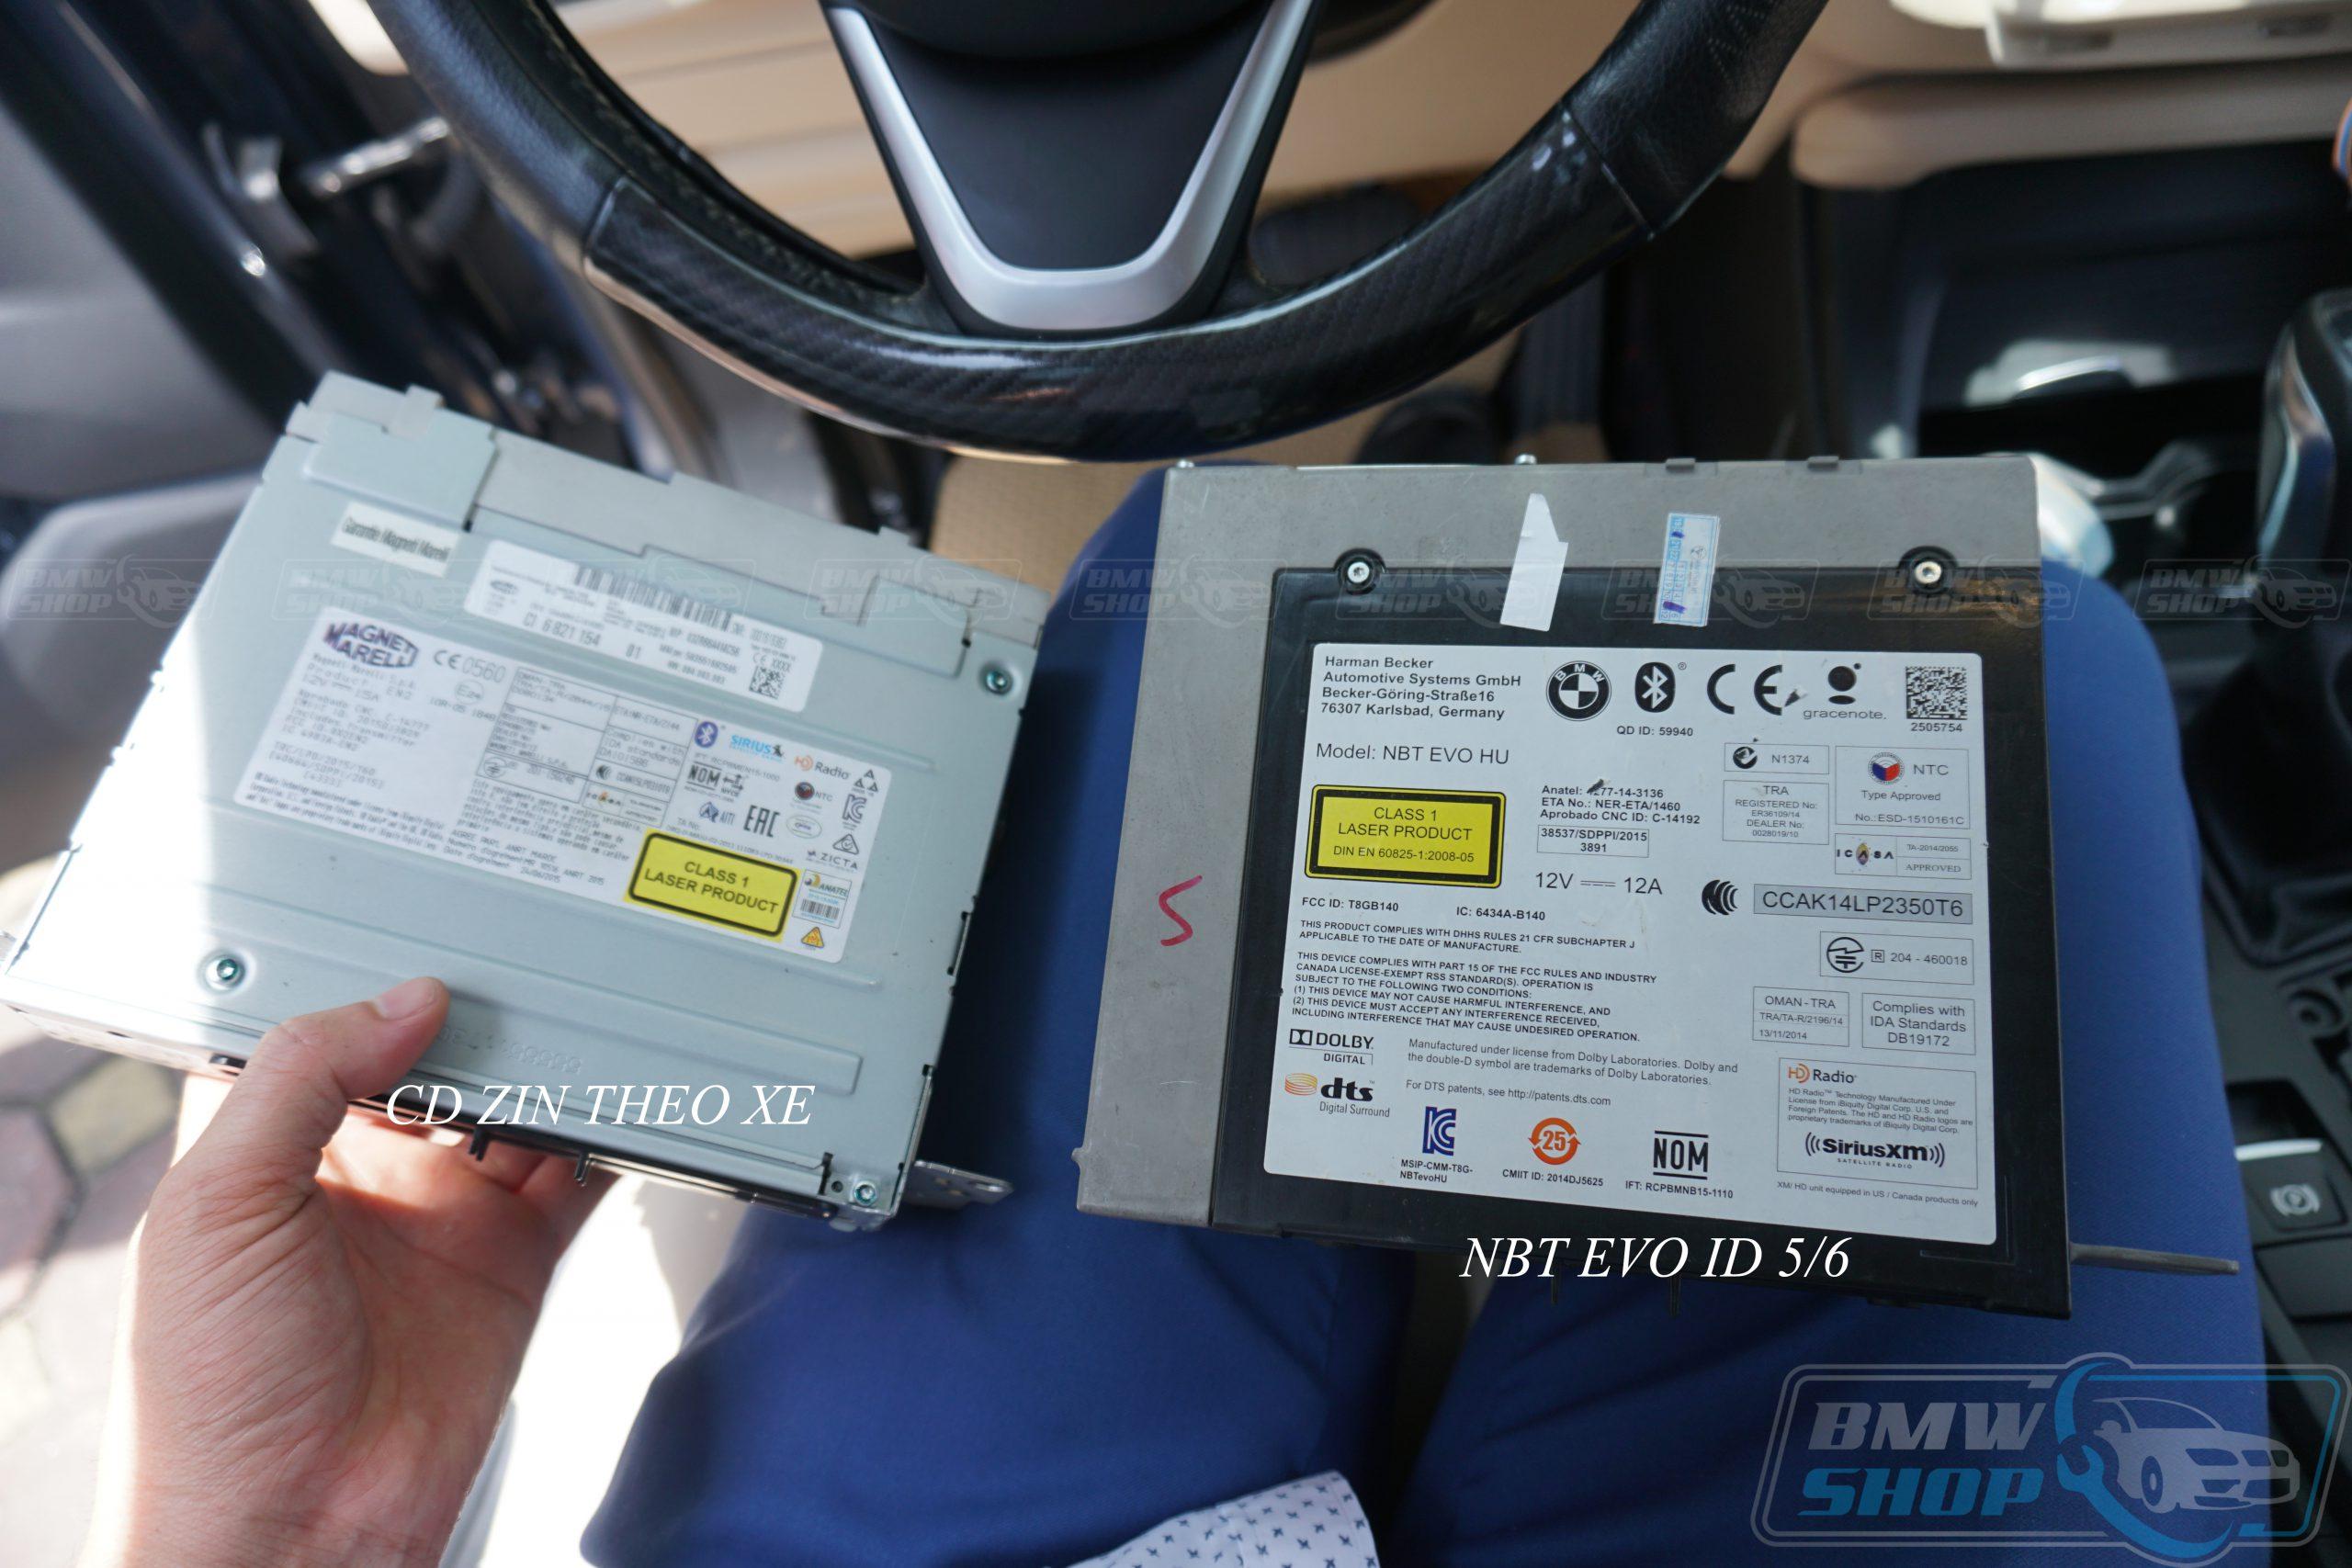 Đầu NBT EVO có độ dày và kích thước lớn hơn so với CD nguyên bản do có thêm ổ cứng